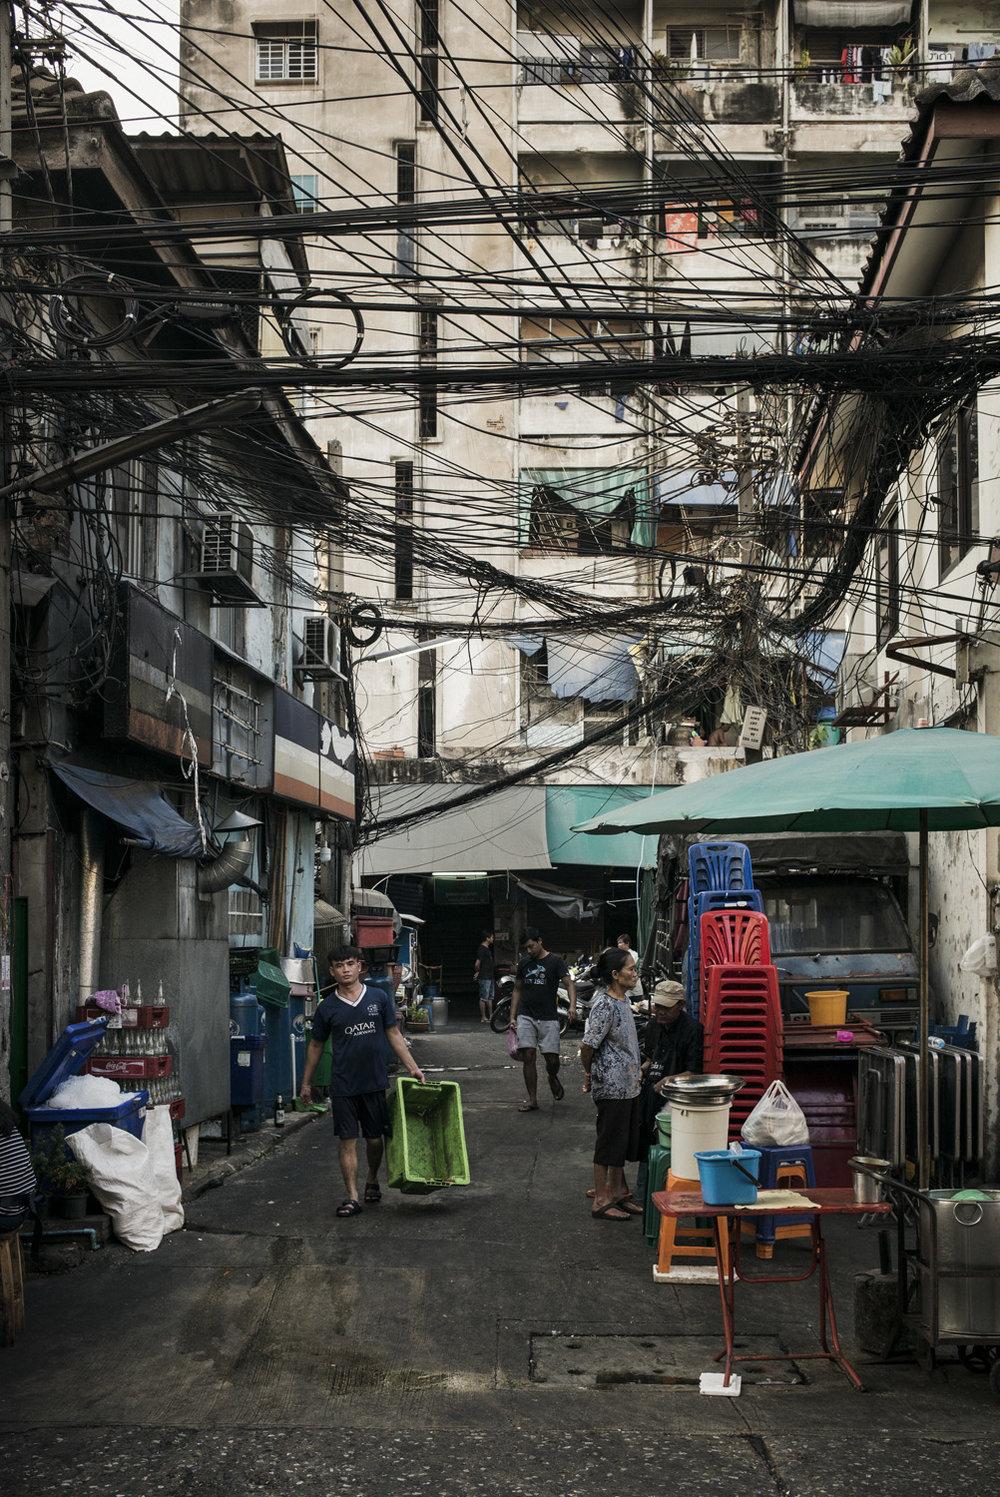 fabian stuertz 2018.12.25 - bangkok, thailand 0017-c.jpg